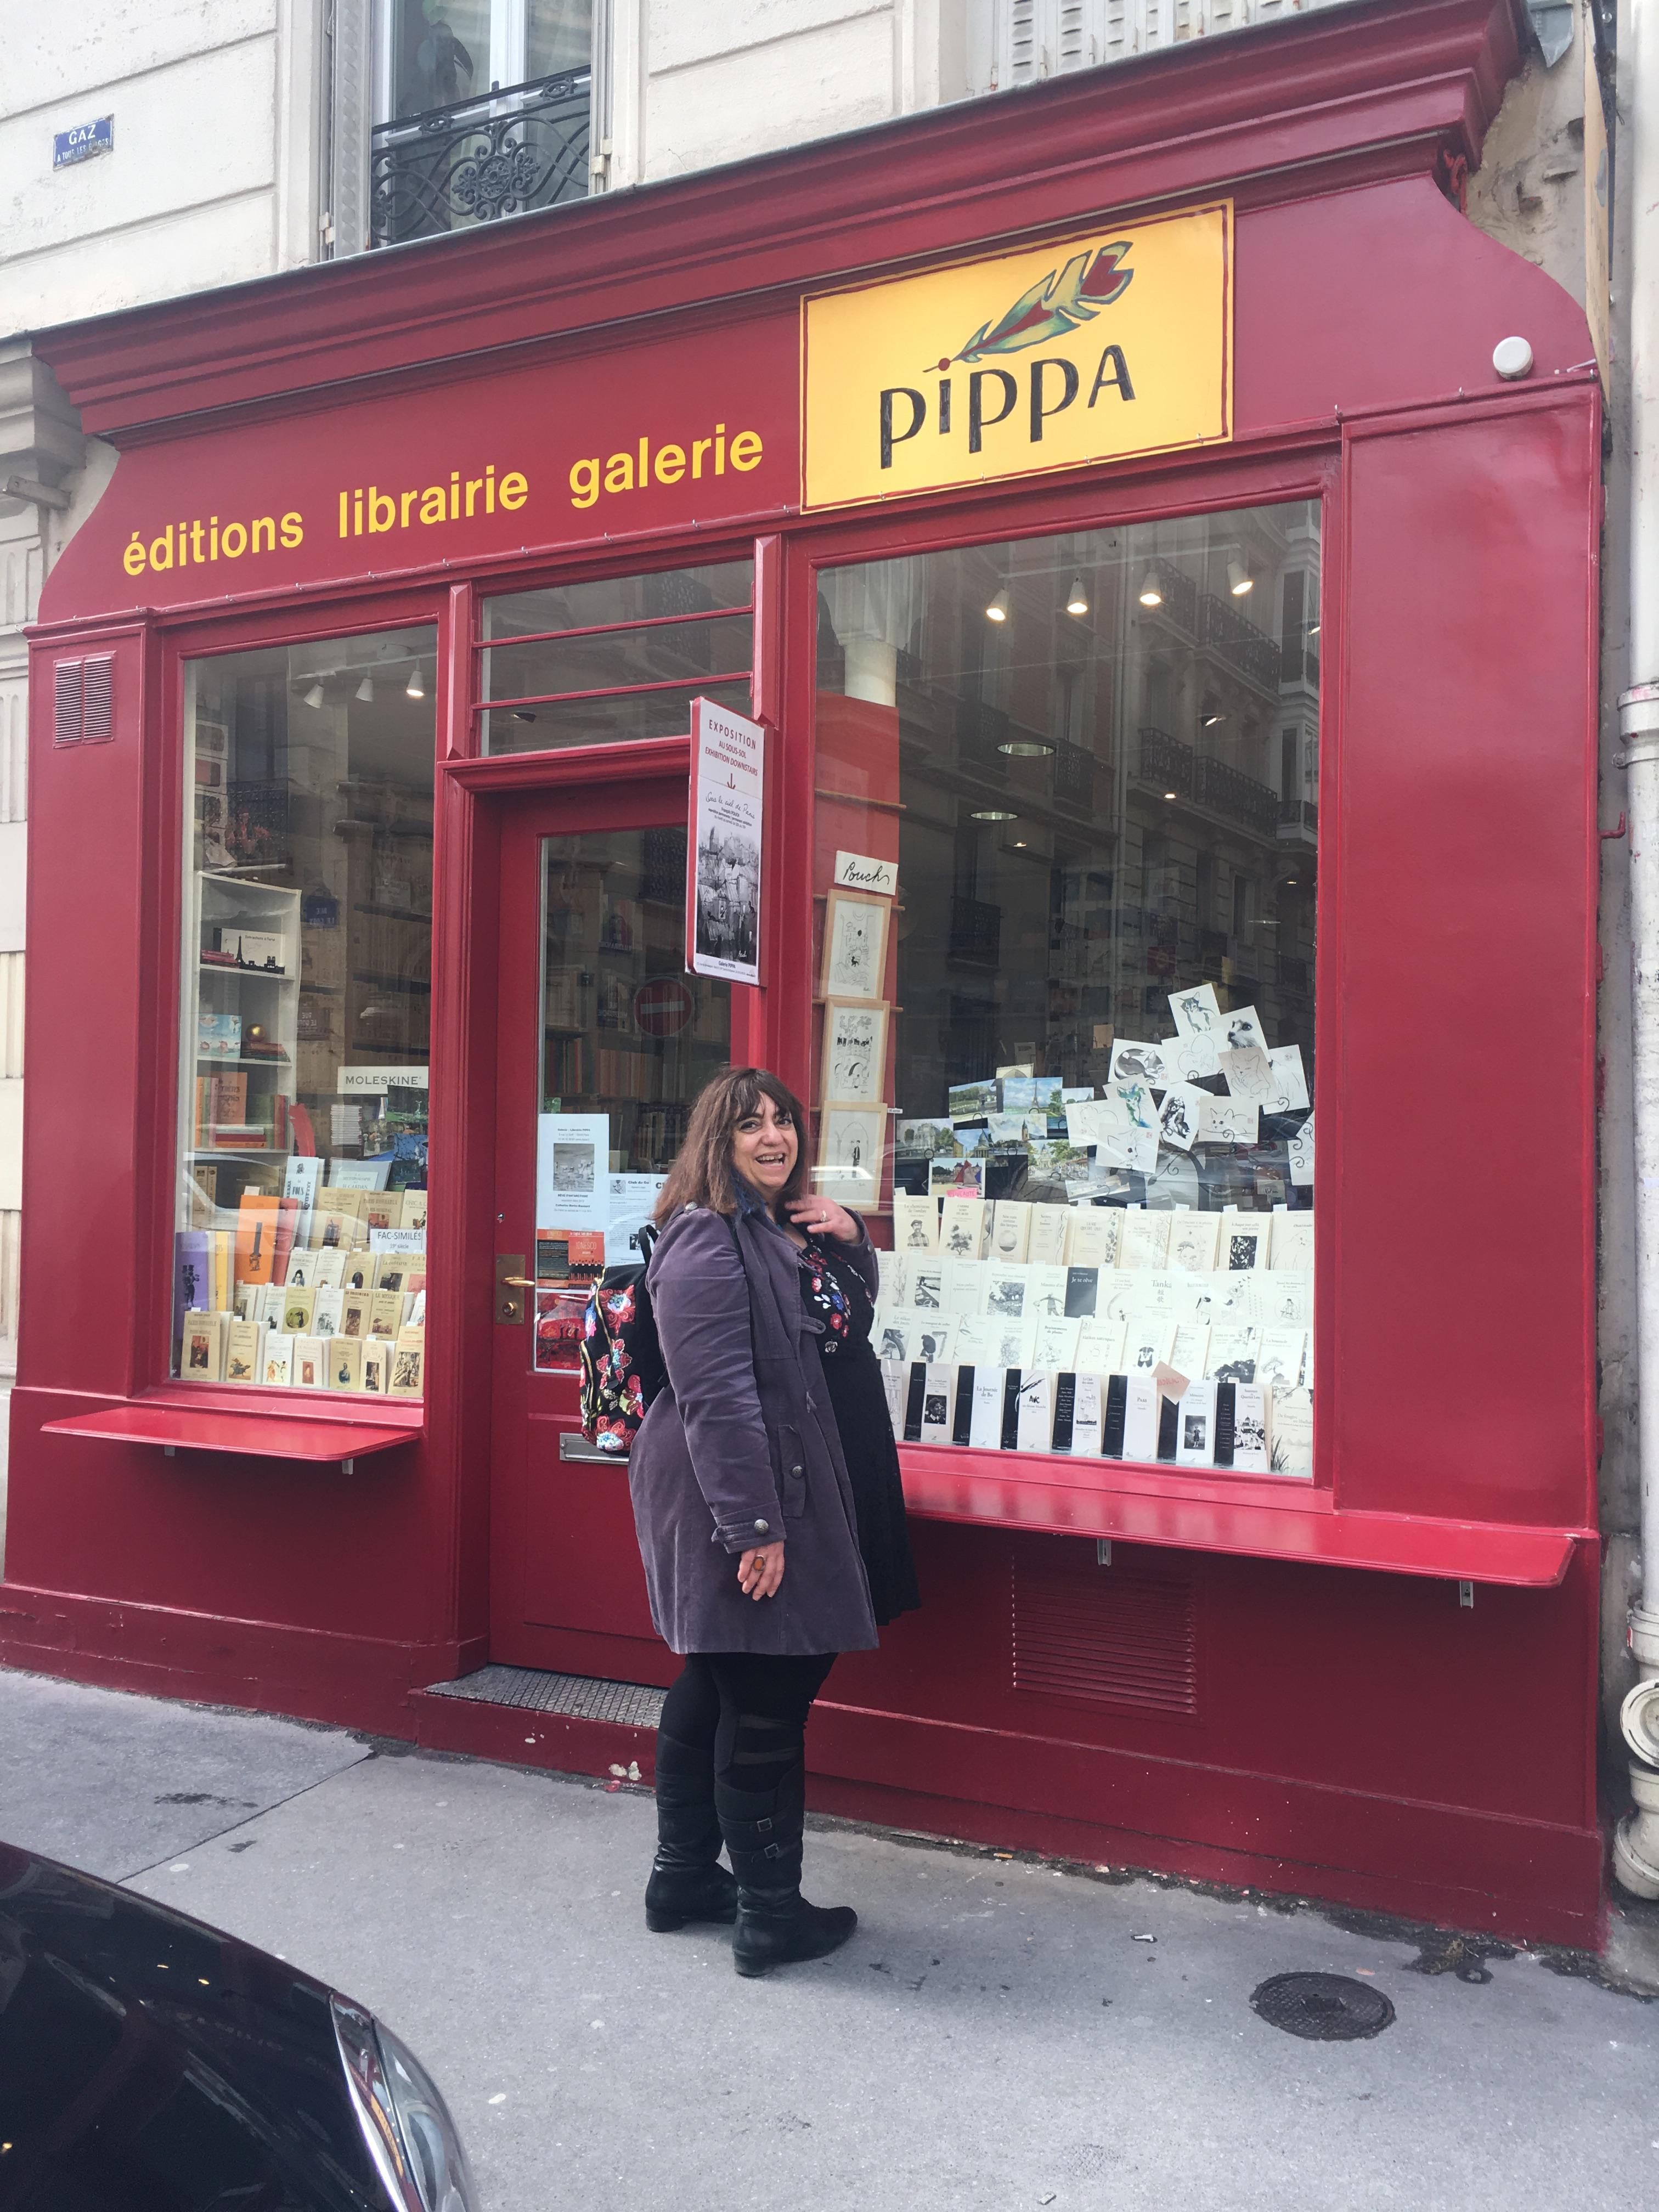 Devant la Librairie Galerie Pippa